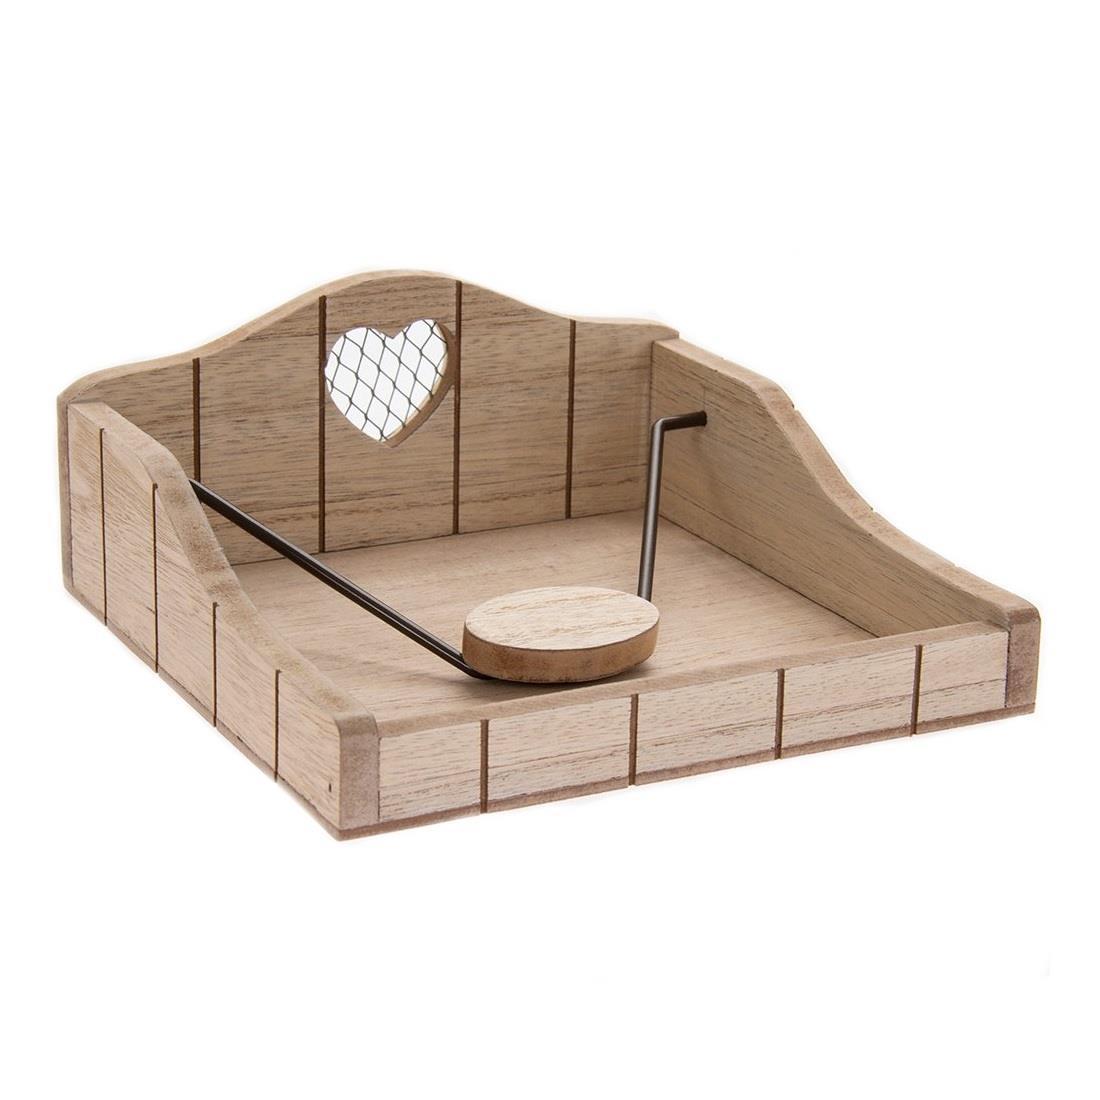 Wooden Rustic Heart Napkin Holder Kitchen Outdoor Dining Serviette Dispenser Ebay